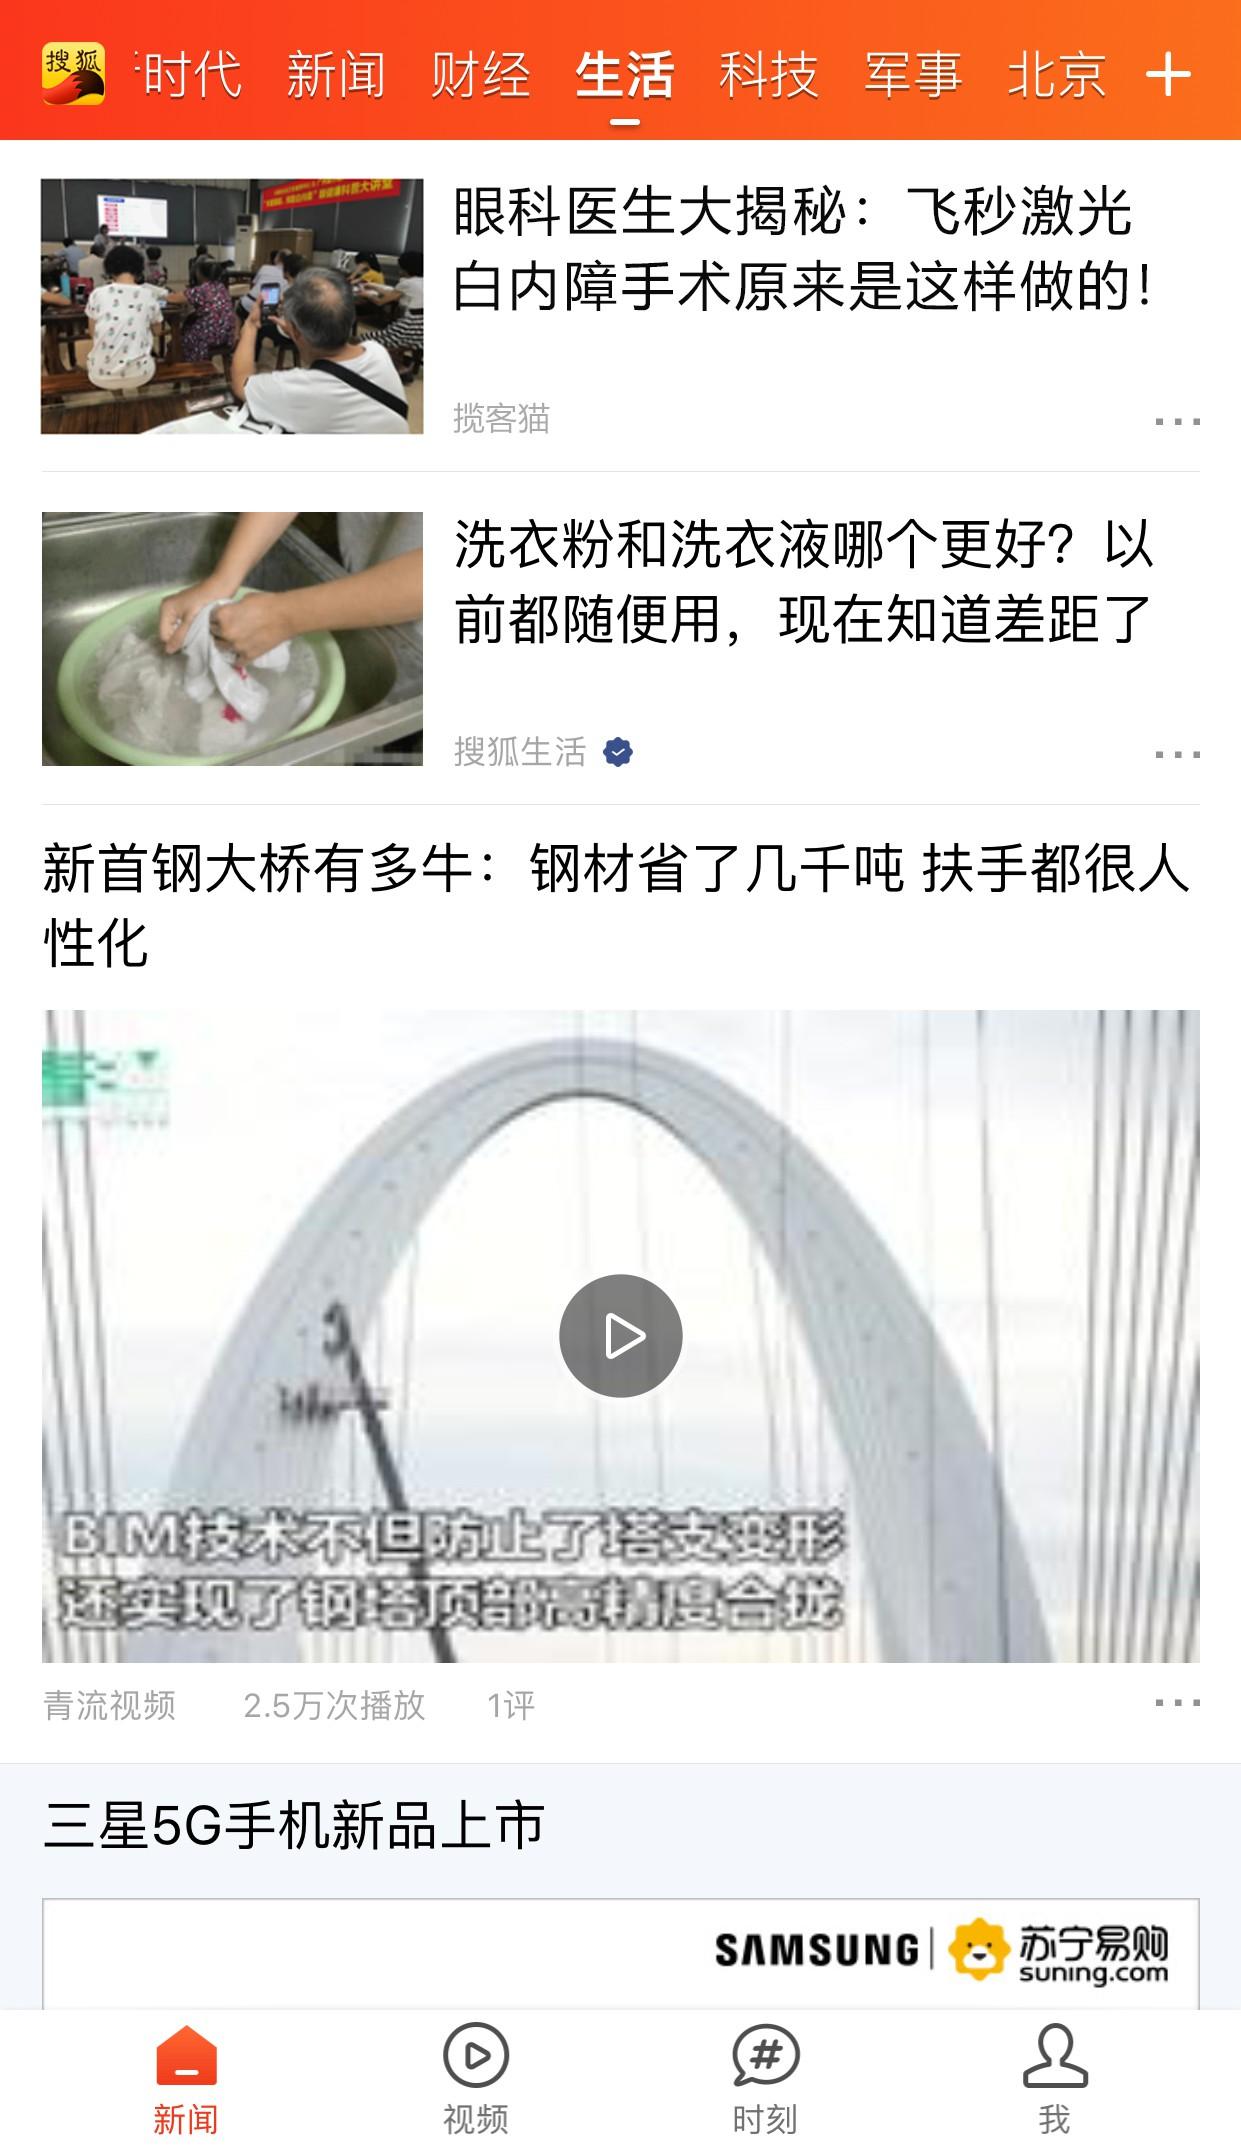 27搜狐揽客猫智能推荐9.26_WPS图片.jpg